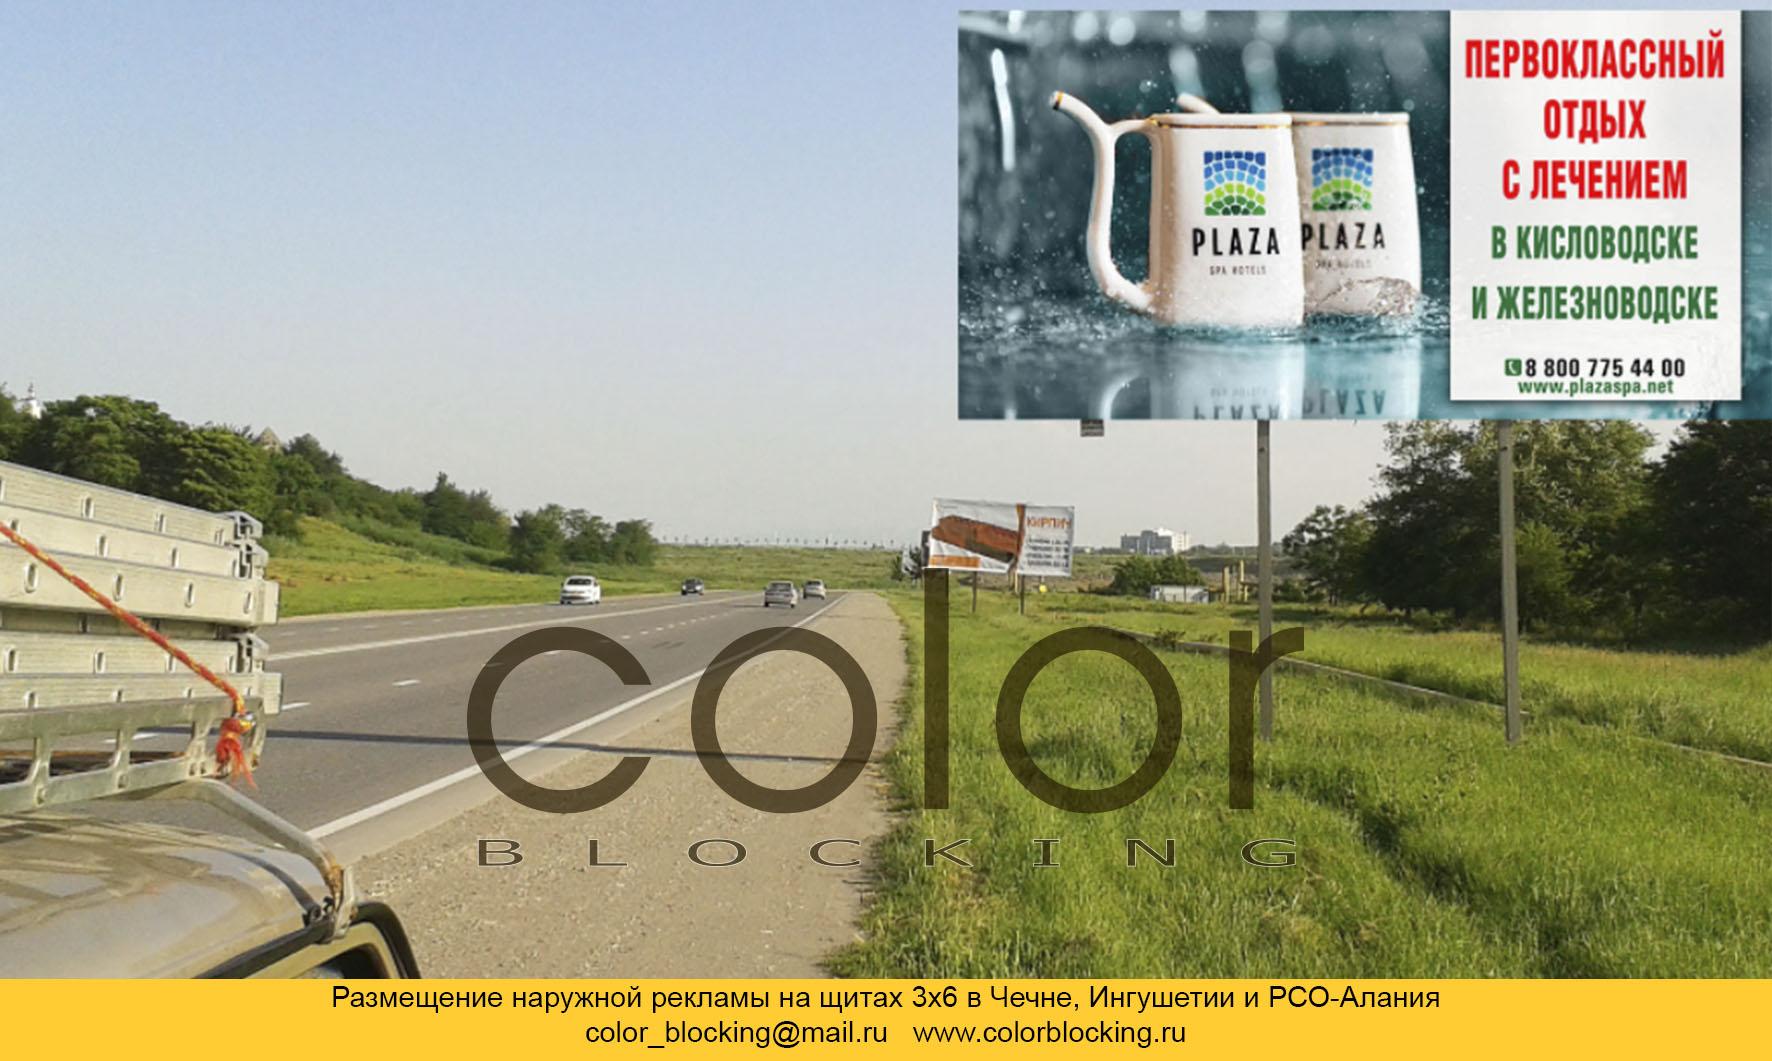 Наружная реклама в Чечне город Грозный